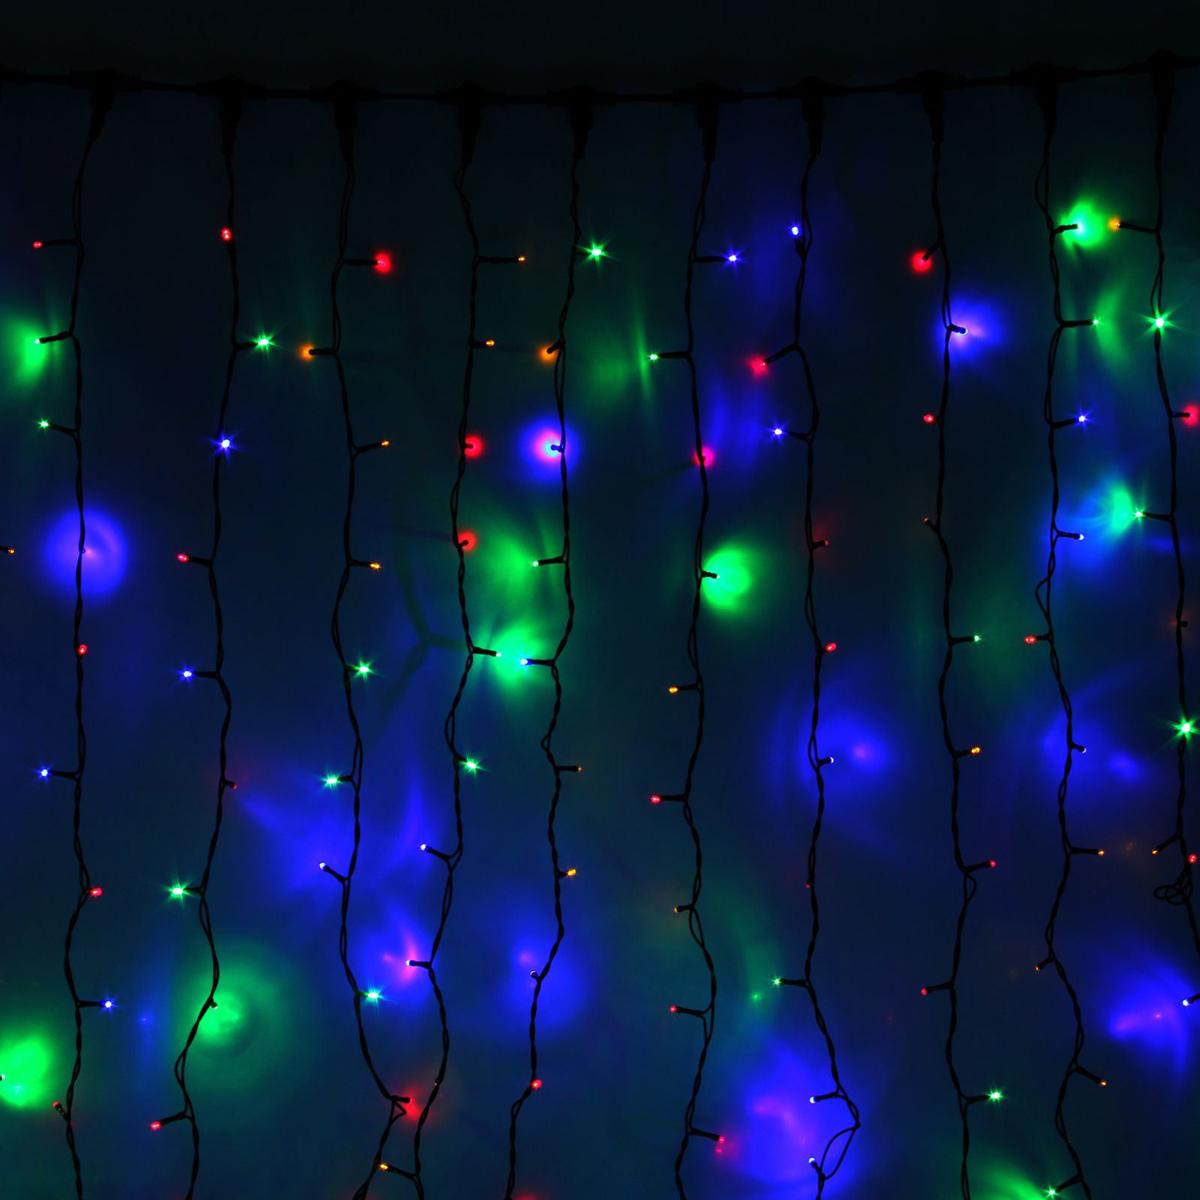 Гирлянда светодиодная Luazon Занавес, цвет: мультиколор, уличная, 1800 ламп, 220 V, 2 х 9 м. 1080312 гирлянда luazon дождь 2m 6m multicolor 671678